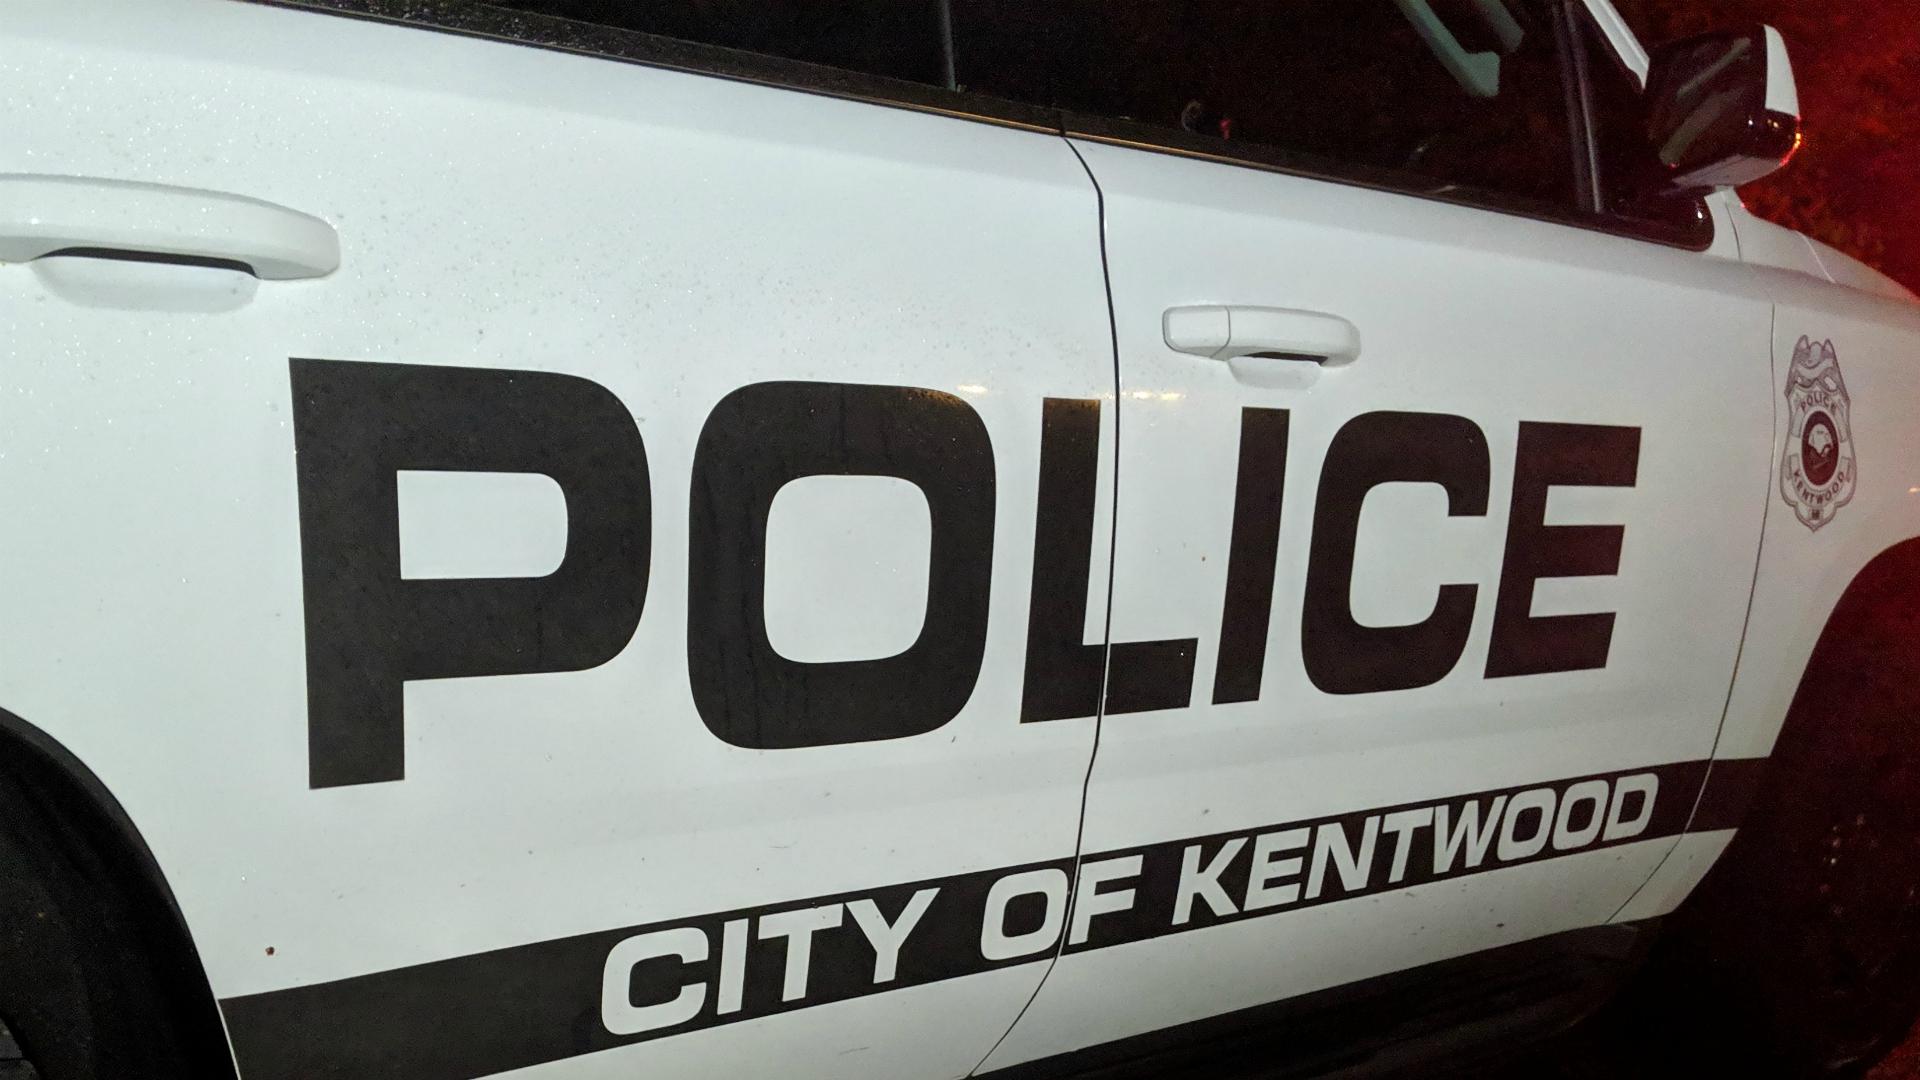 generic kentwood police department_1556681795189.jpg.jpg